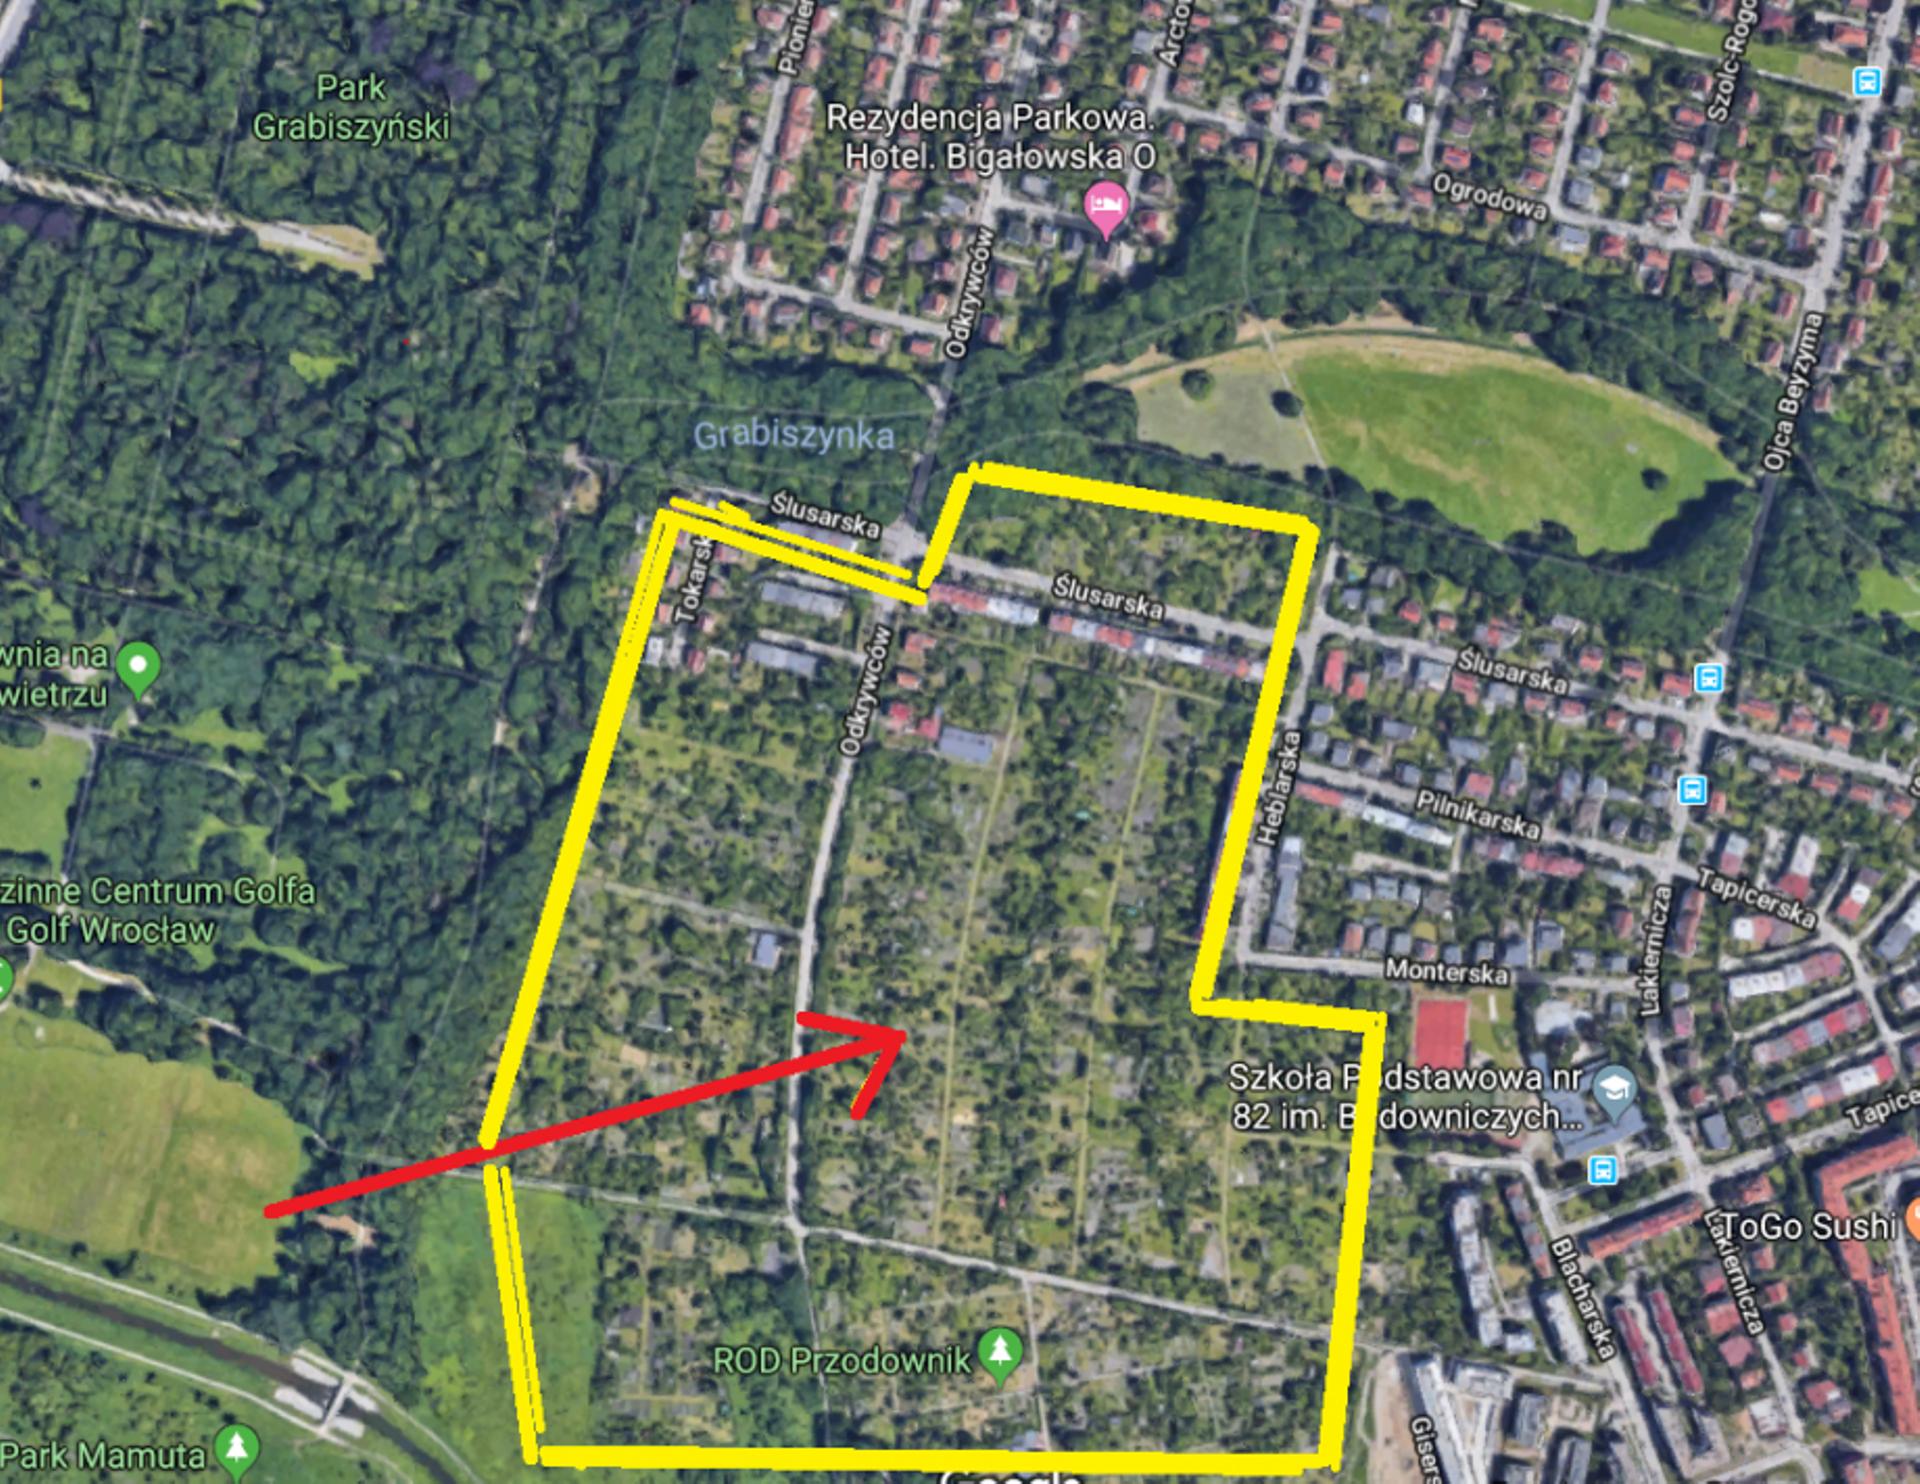 Wrocław: Mieszkańcy nie chcą zabudowy ogródków przy parku Grabiszyńskim. Oczekują zmiany planu miejscowego